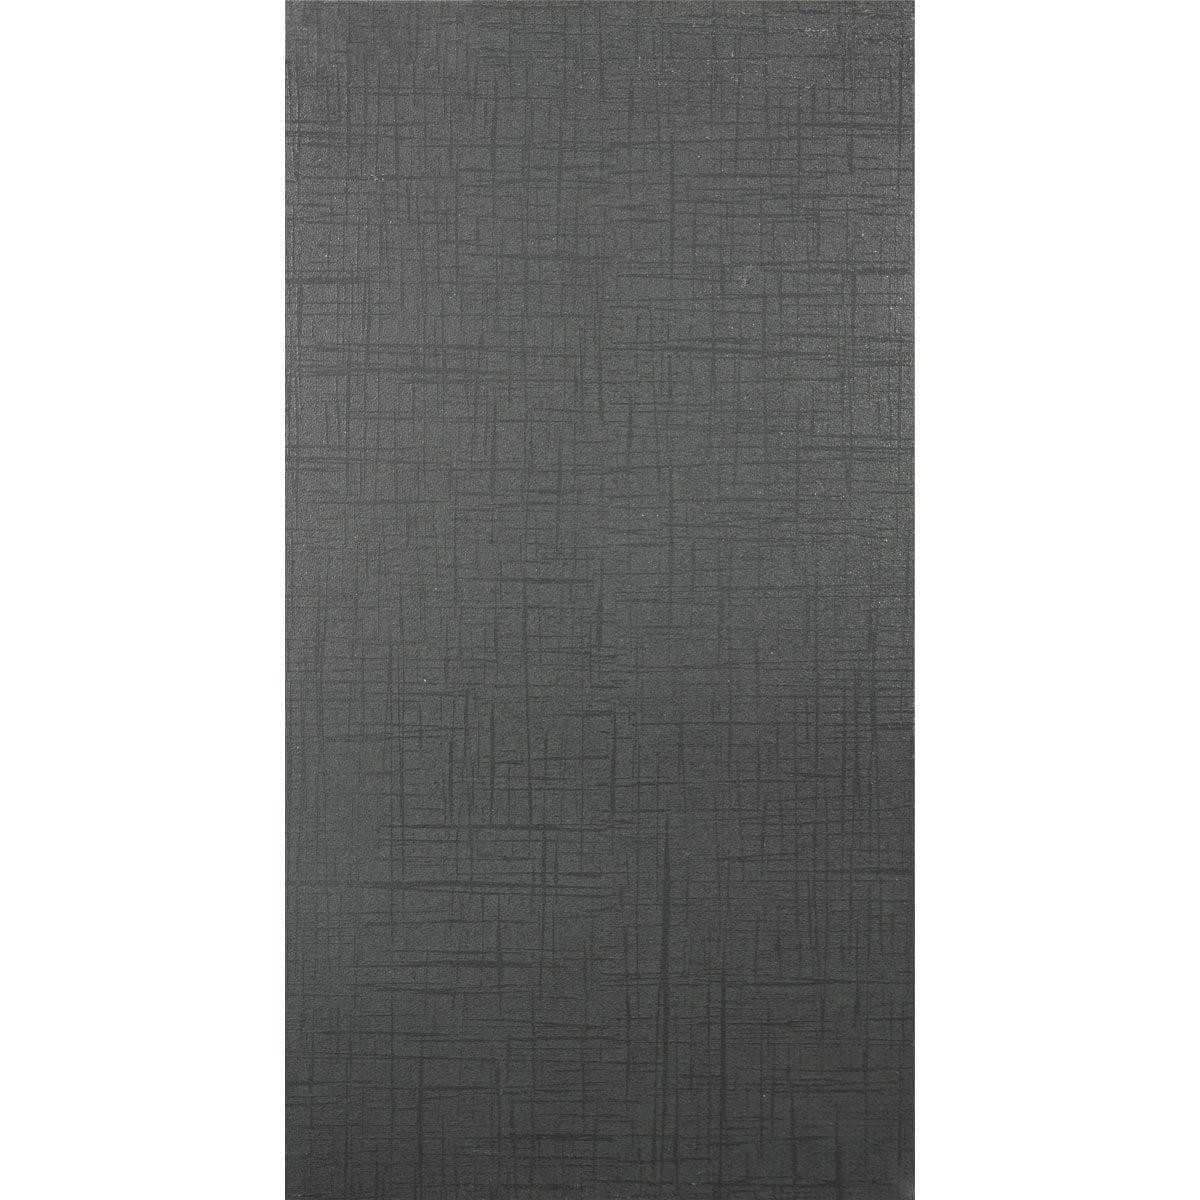 MILANO BLACK T10235 P1